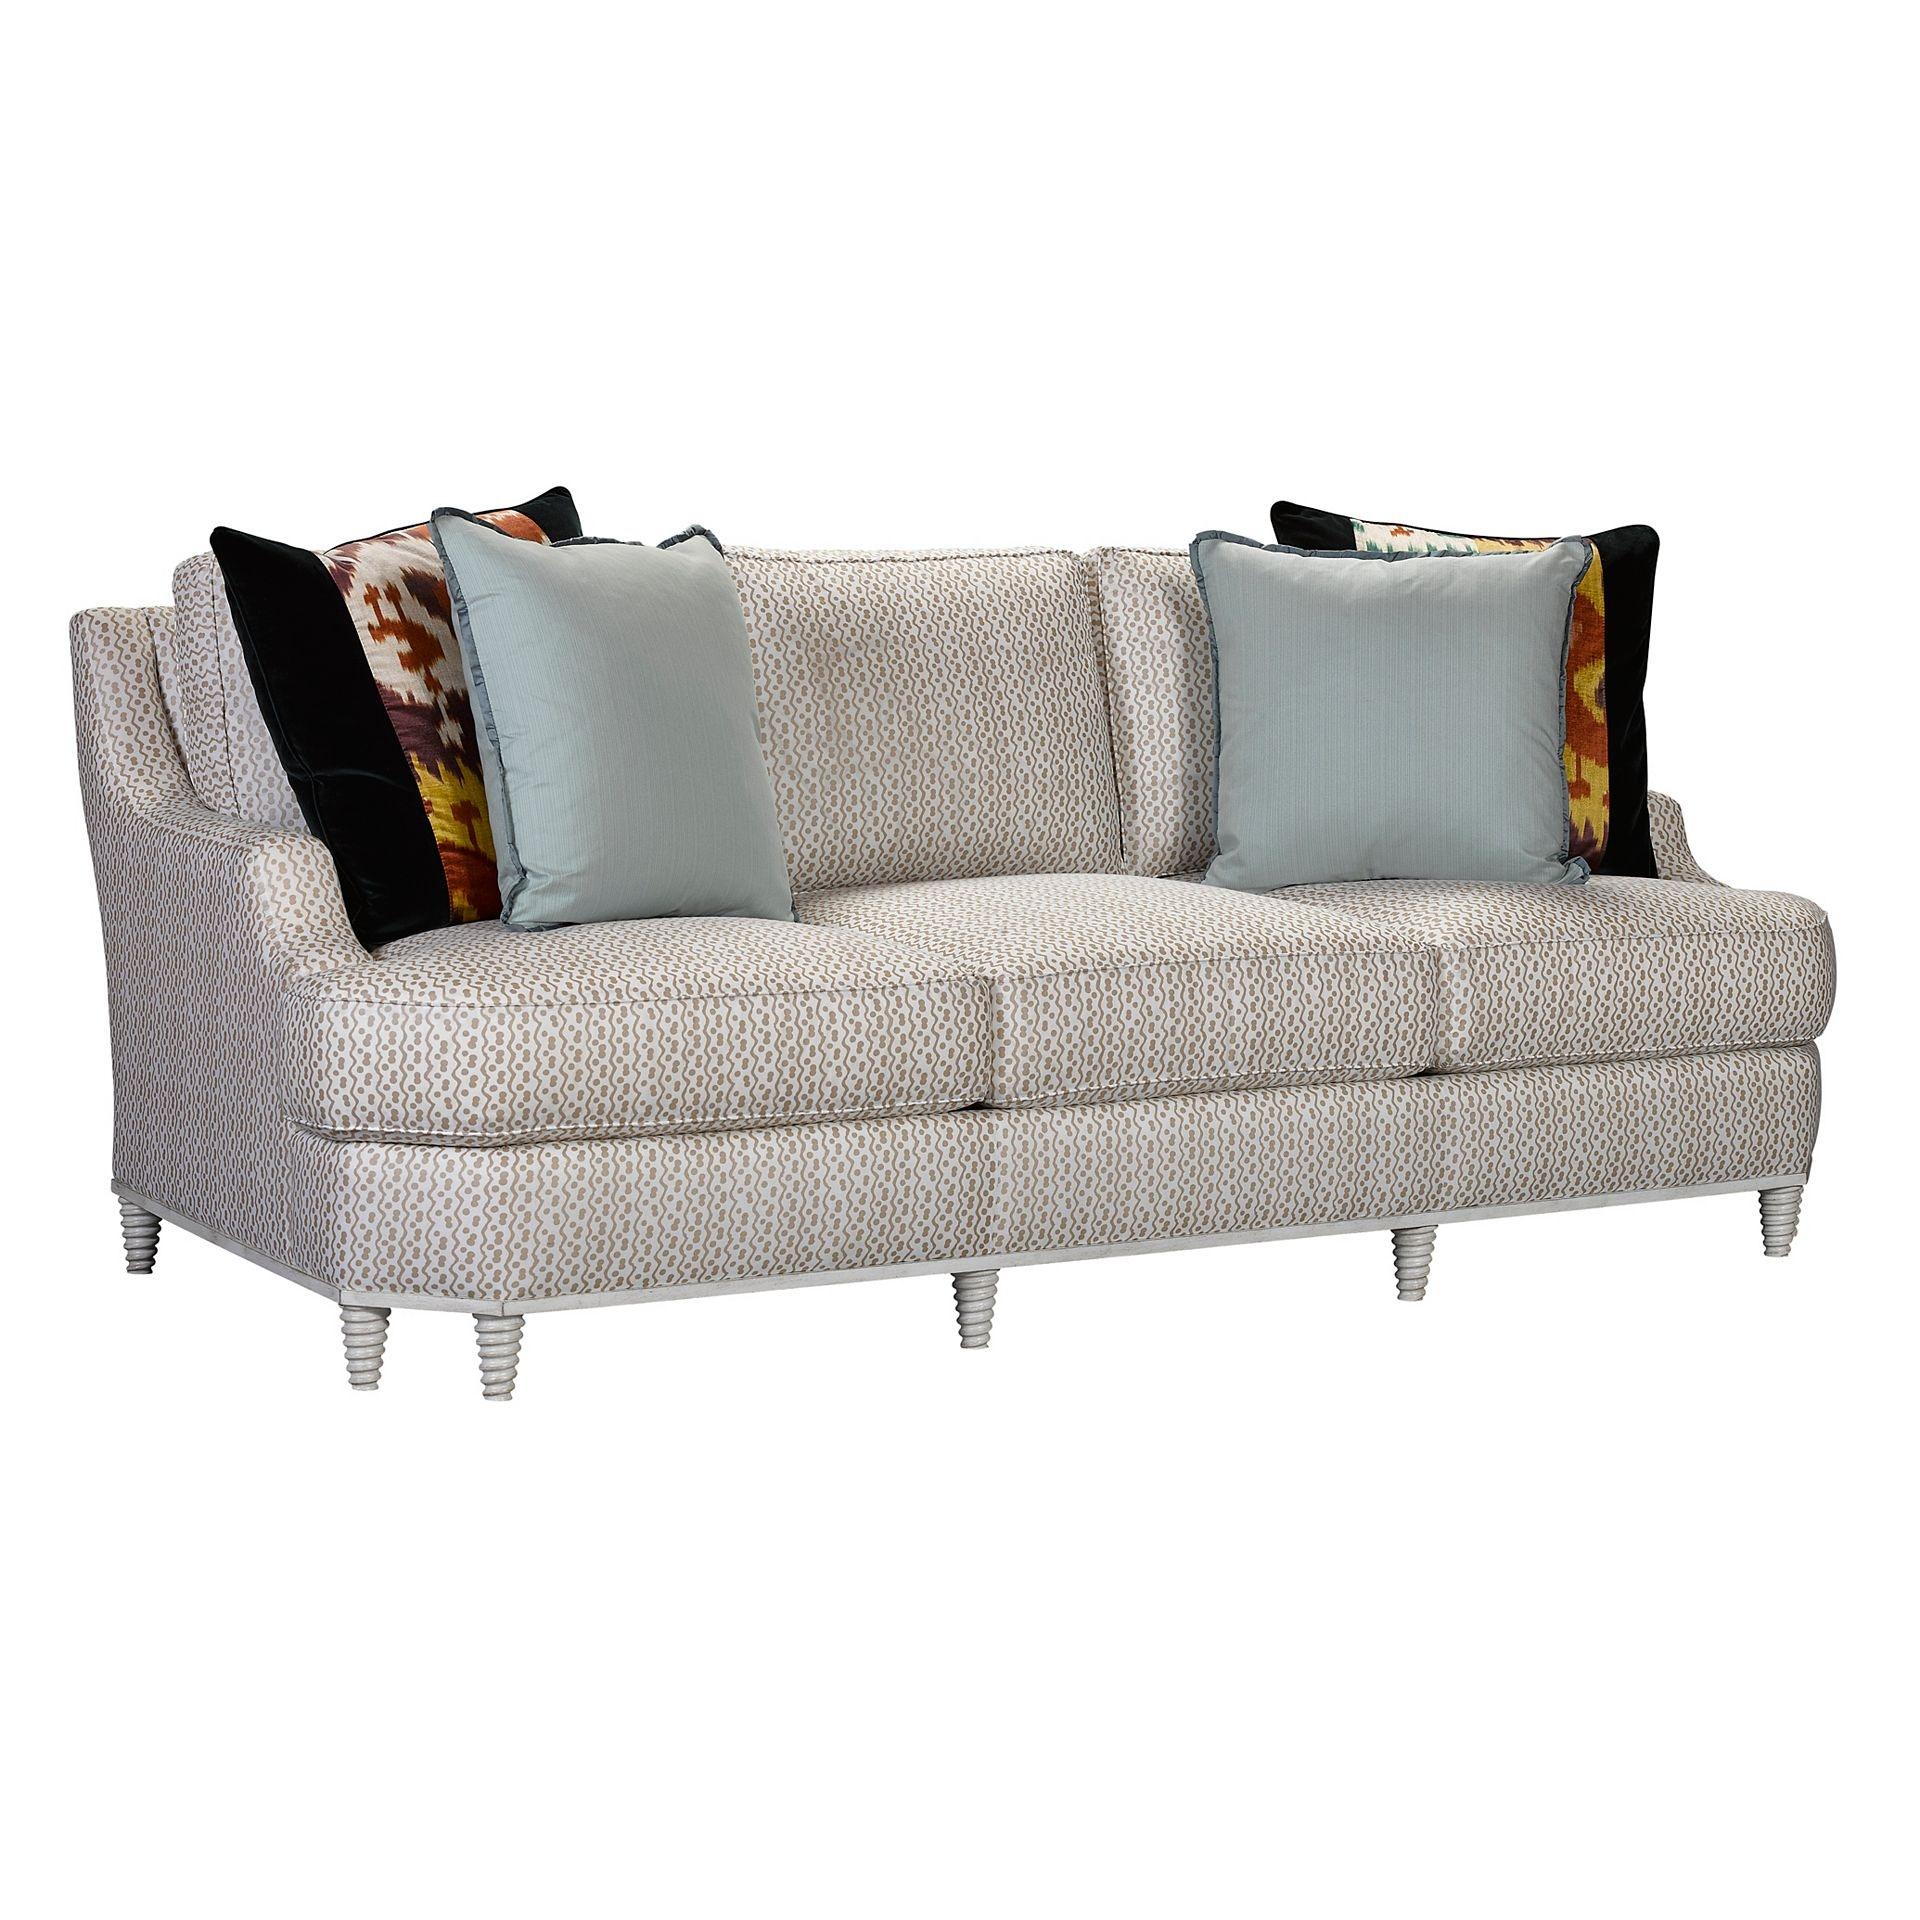 Henredon Furniture Jeffrey Bilhuber Ogden Lane Sofa H1704 C